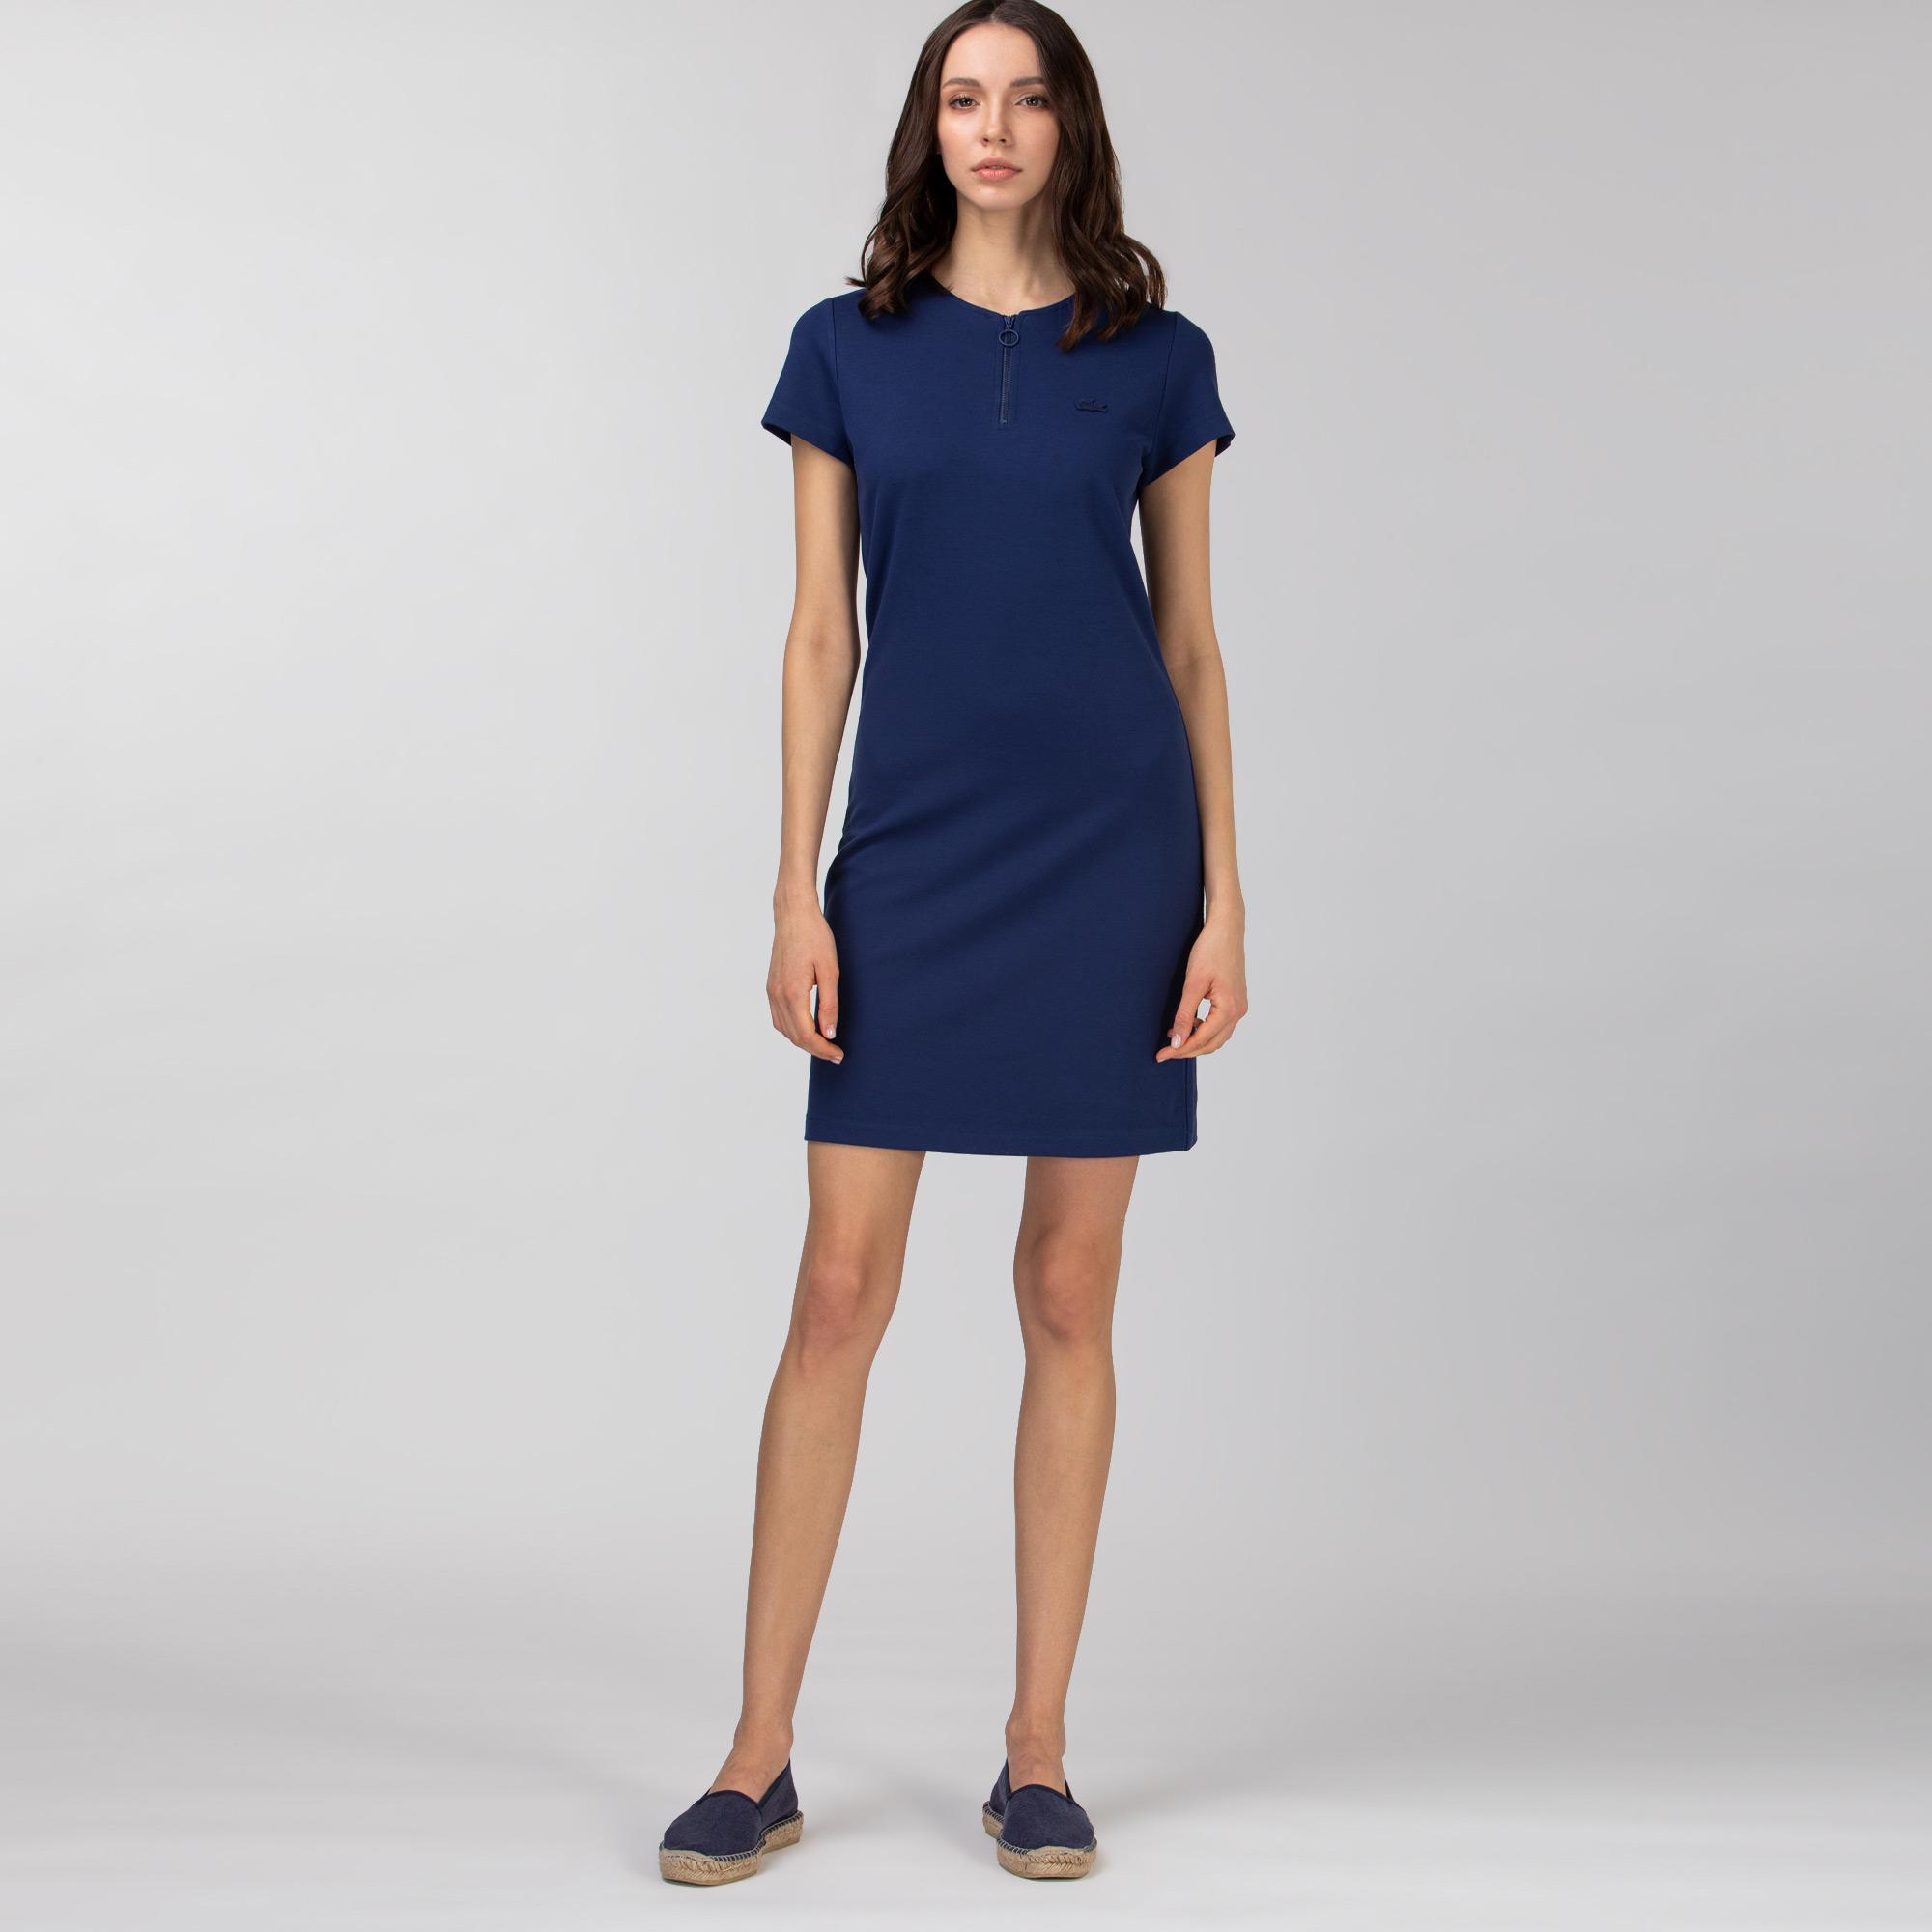 Lacoste Kadın Kısa Kollu Fermuarlı Yaka Lacivert Elbise